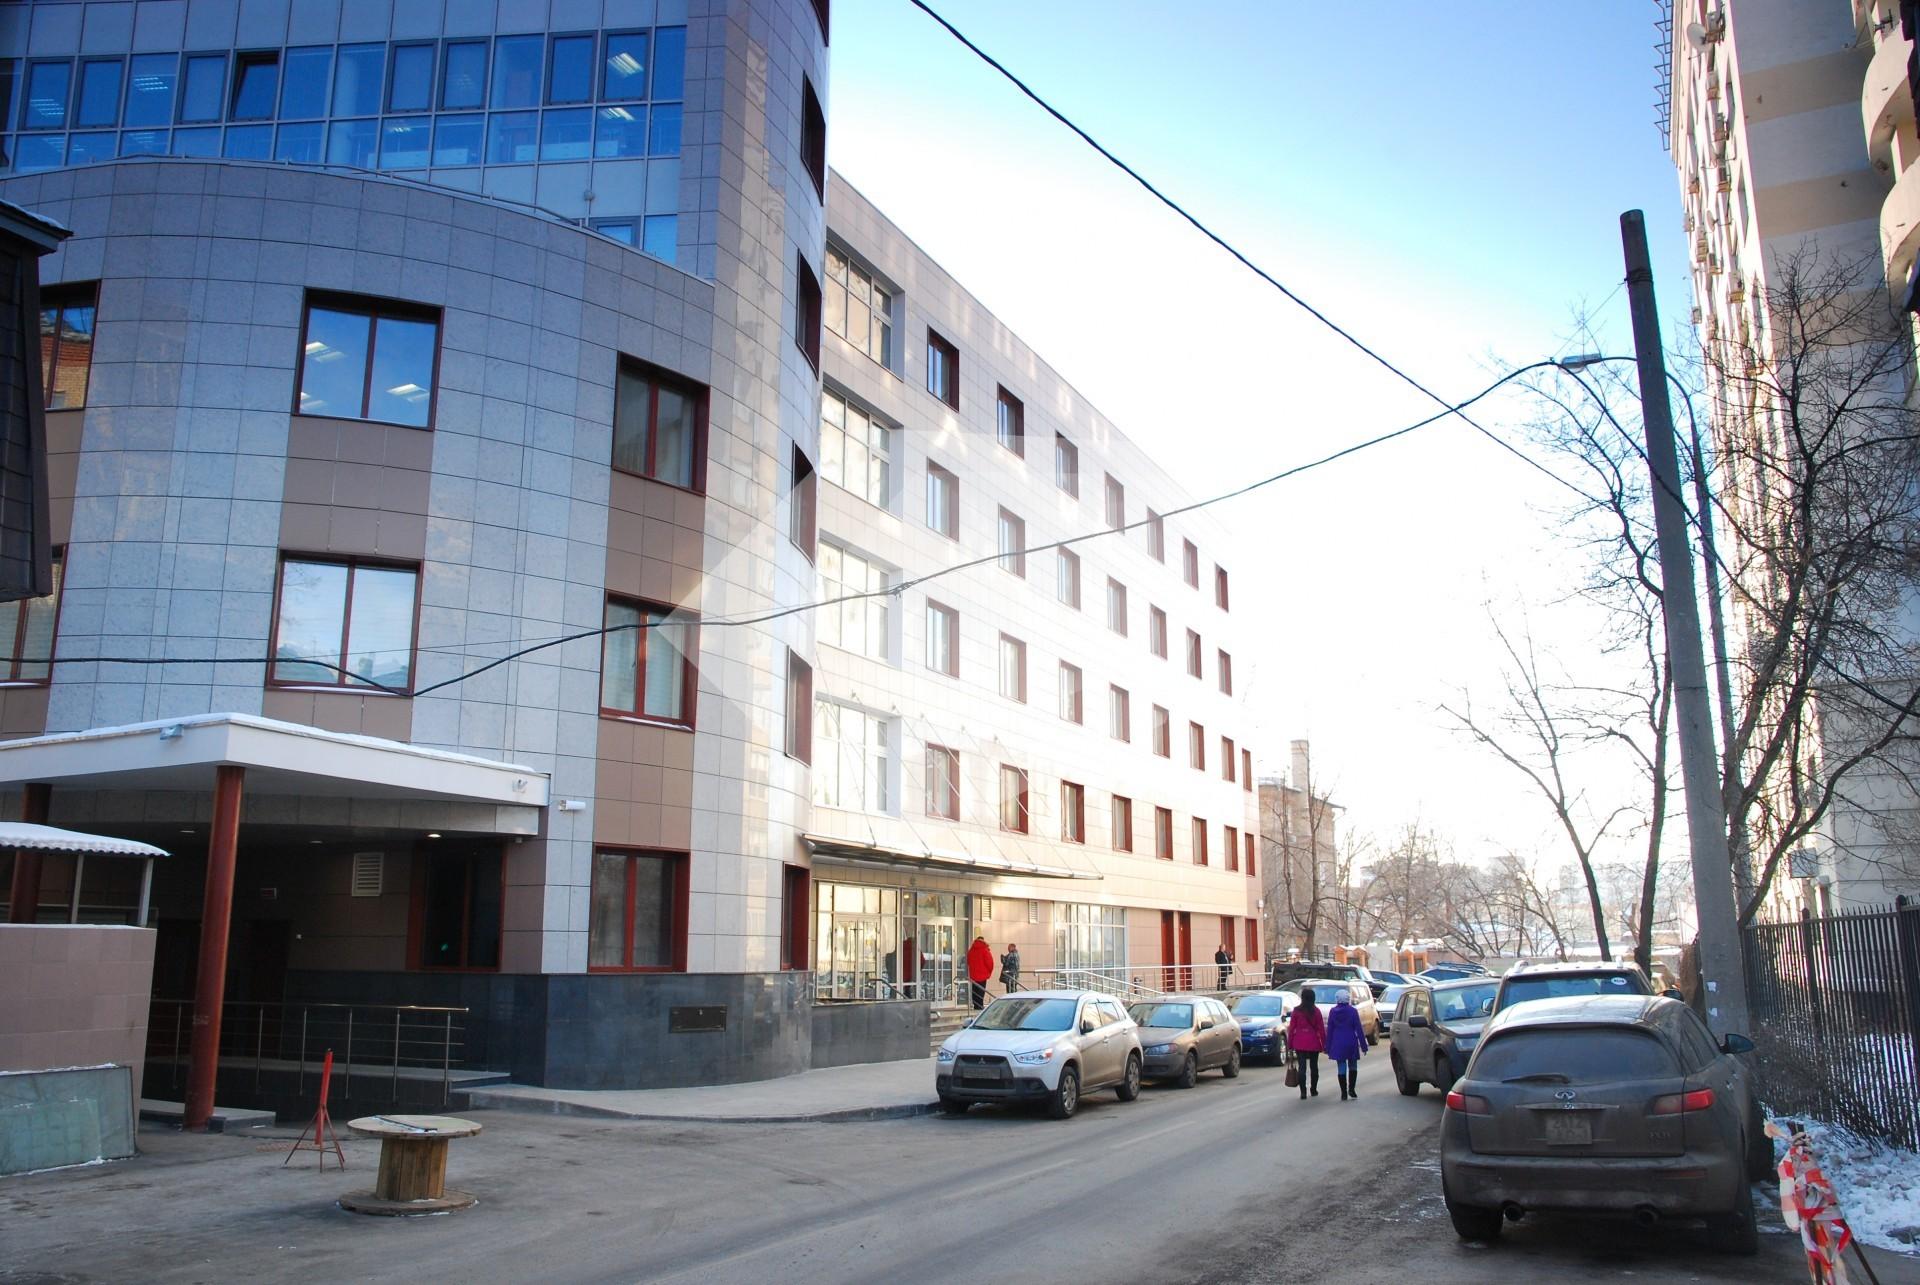 аренда офиса бибирево на первом этаже жилого дома